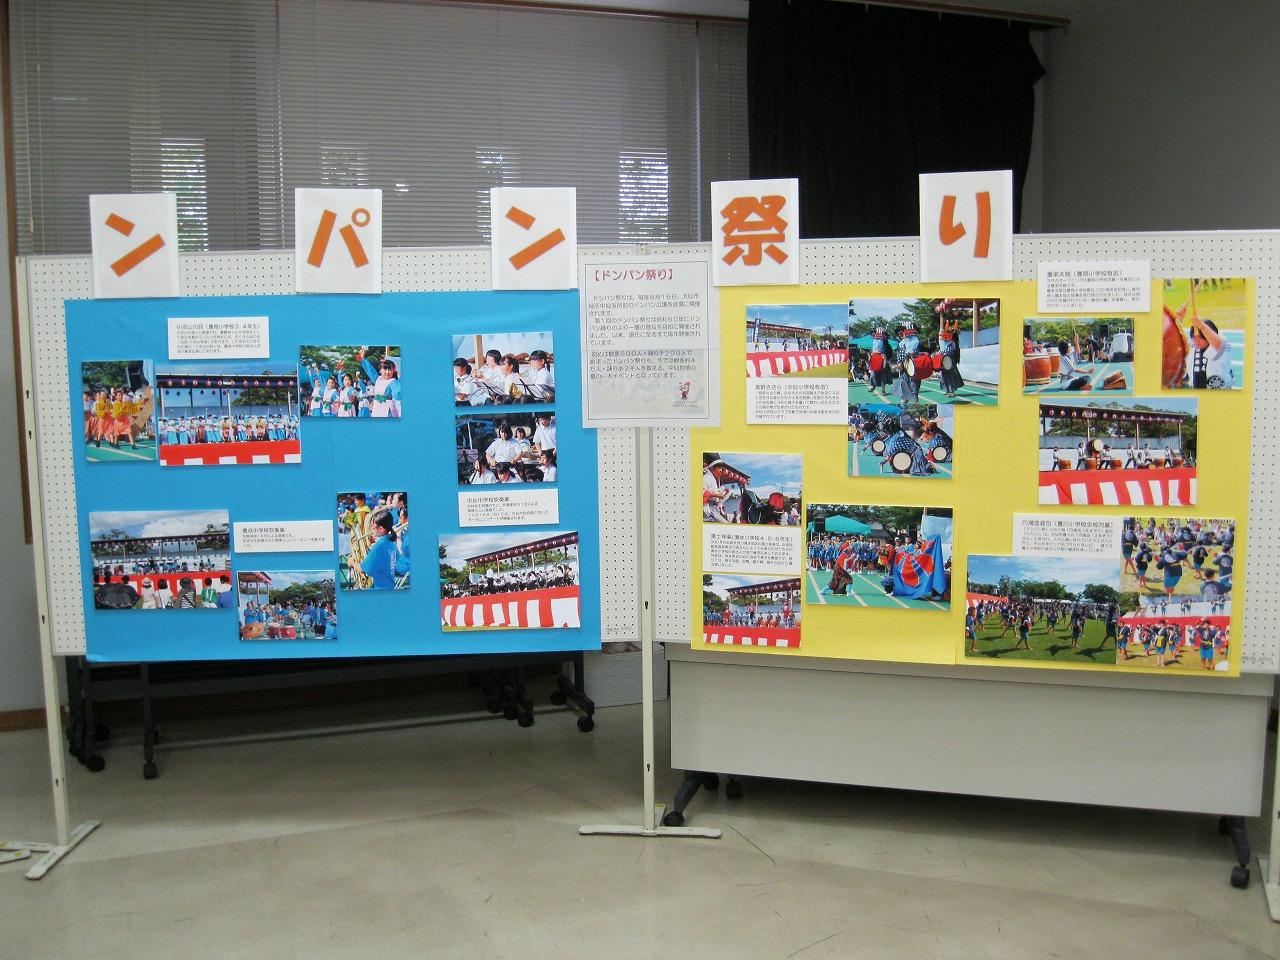 中仙中学校と豊成中学校の吹奏楽演奏や小学生による伝統芸能の写真展示です。